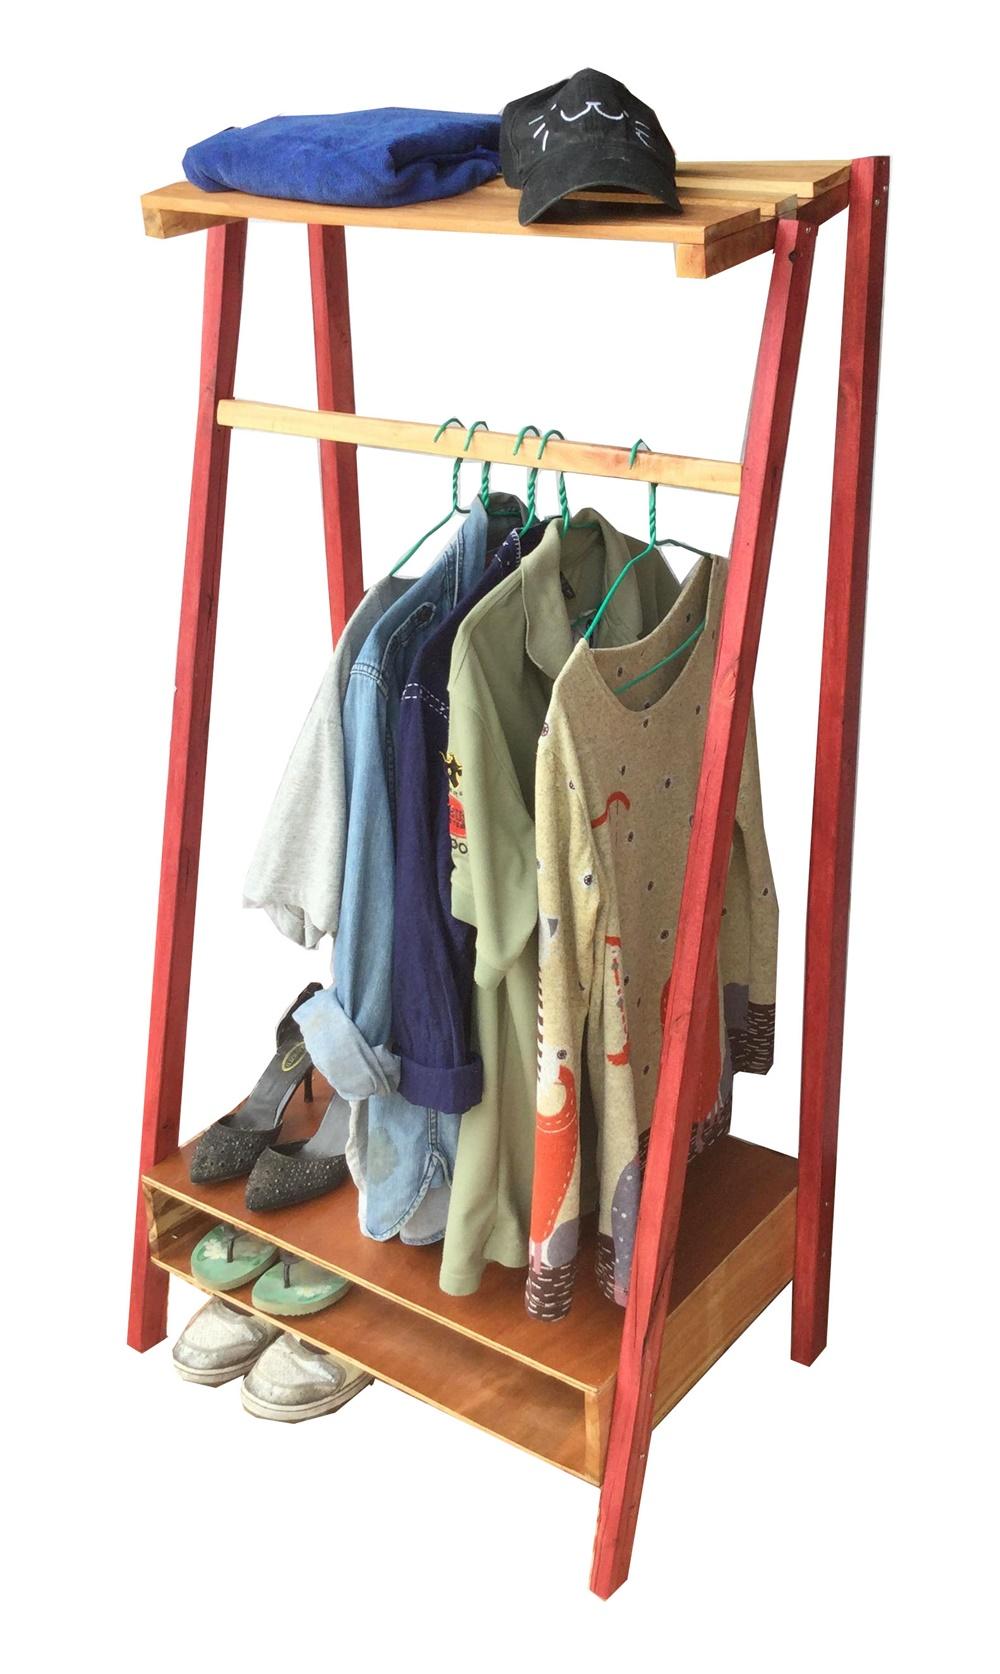 ราวตากผ้า ราวแขวนผ้า อุปกรณ์จัดเก็บเสื้อผ้า